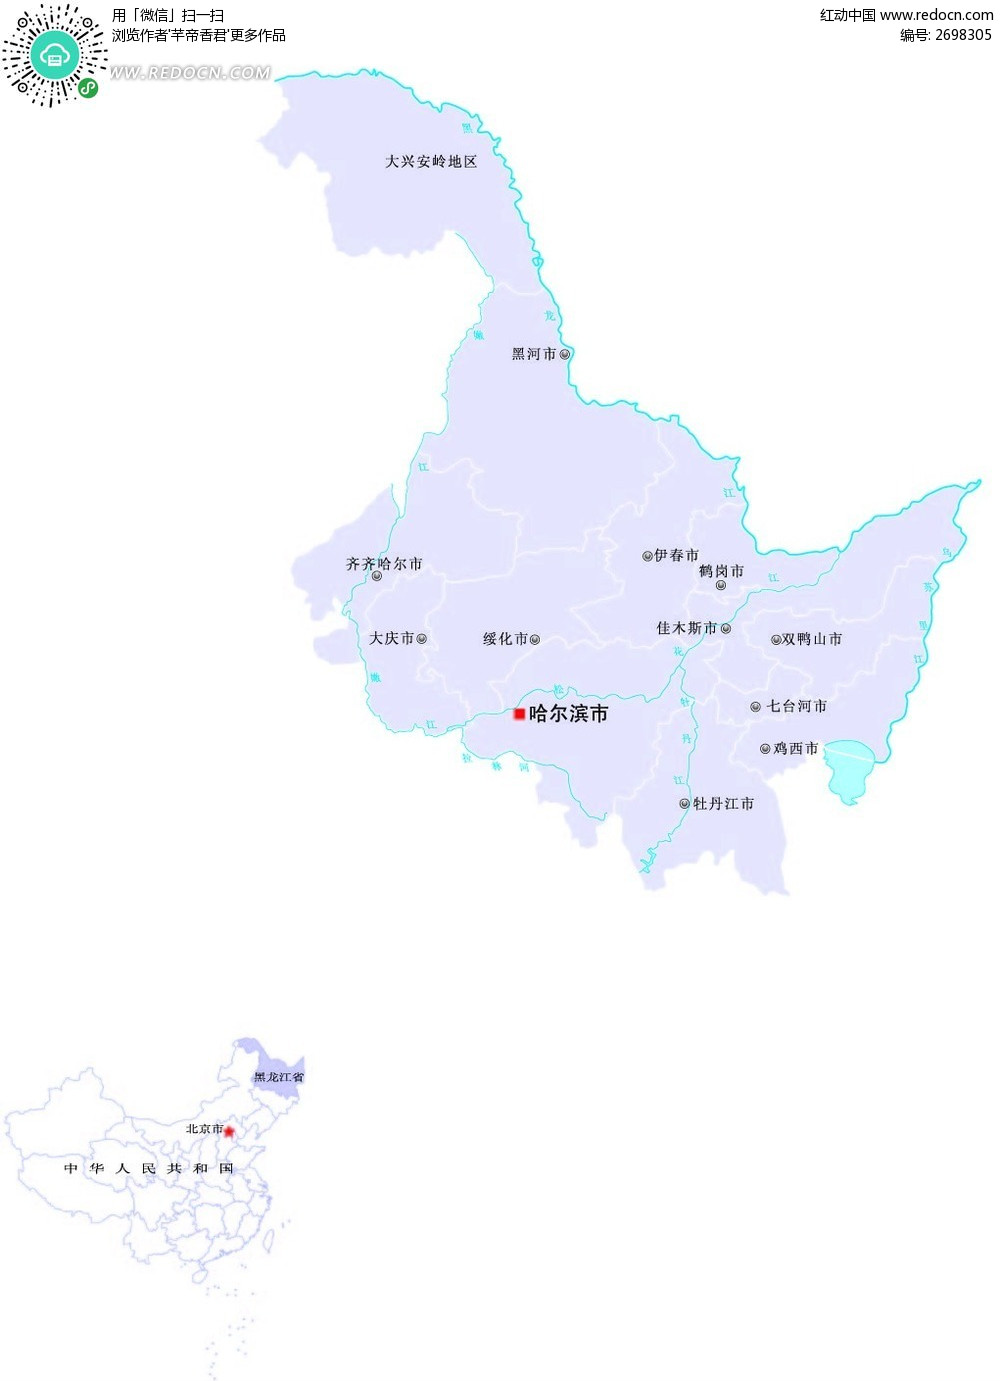 黑龙江地图 黑龙江地图